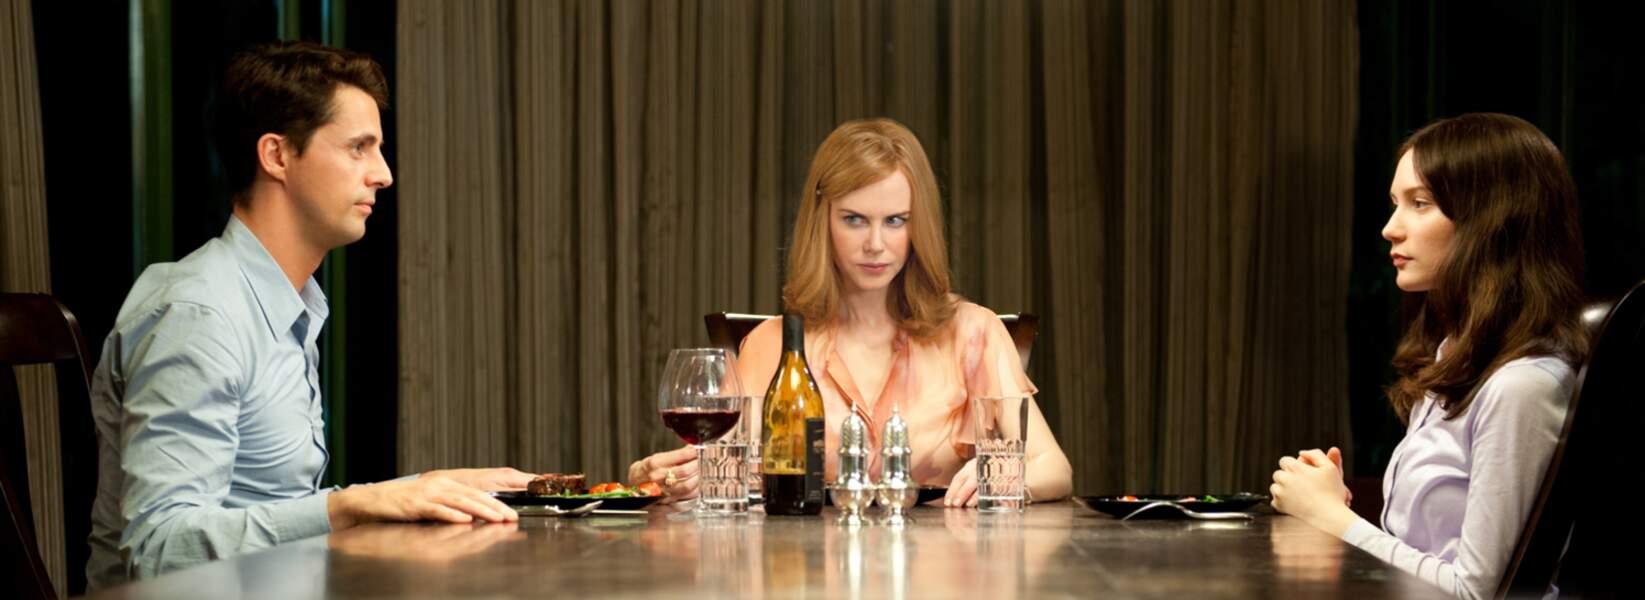 Nicole Kidman est une veuve en mal d'affection dans le thriller machaivélique Stoker